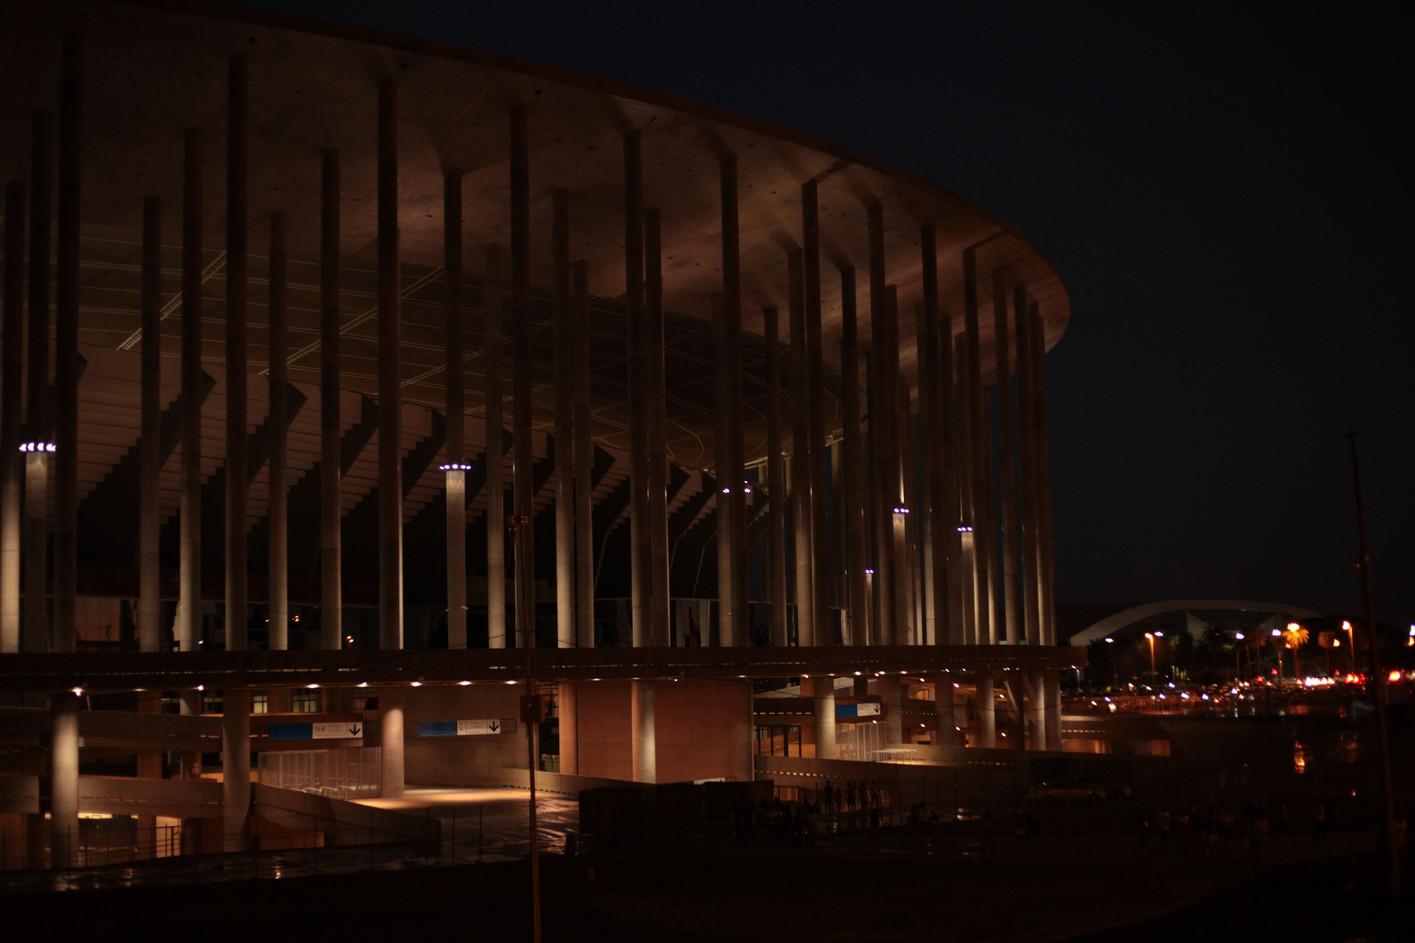 Estádio_Nacional_de_Brasília6.jpg